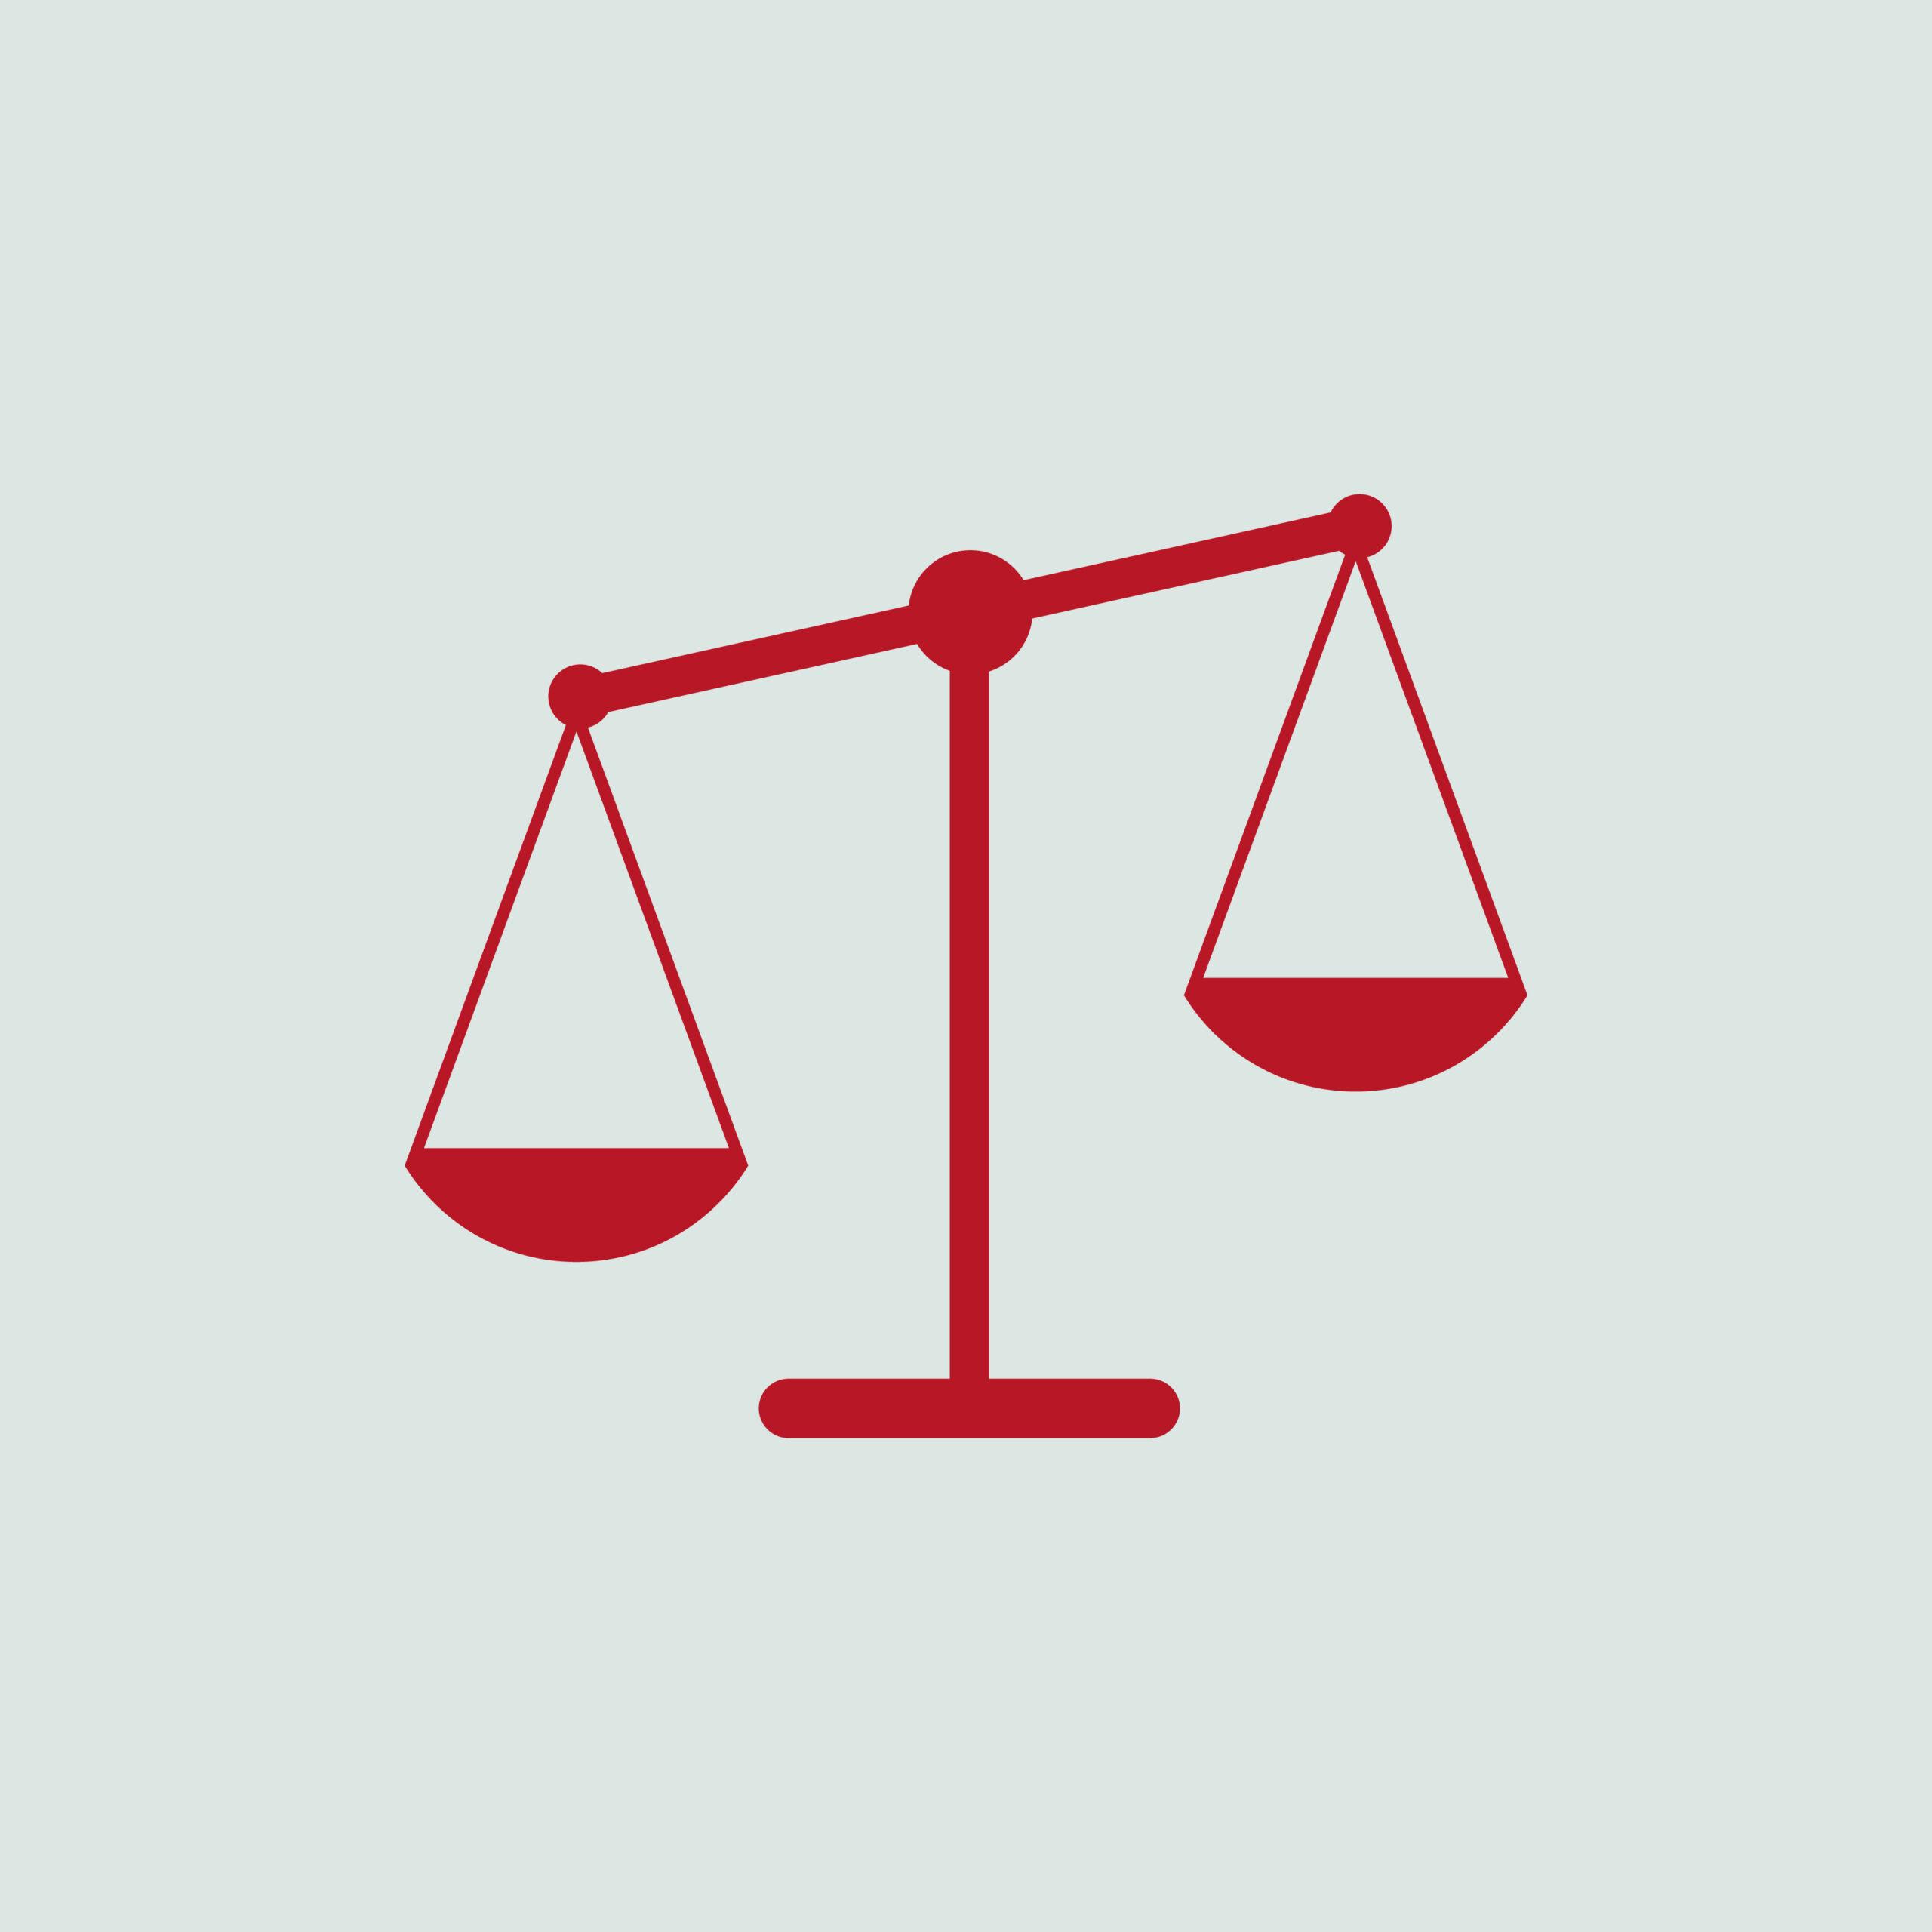 Ganz neue Sichtweisen: Warum Ungerechtigkeit so schmerzt